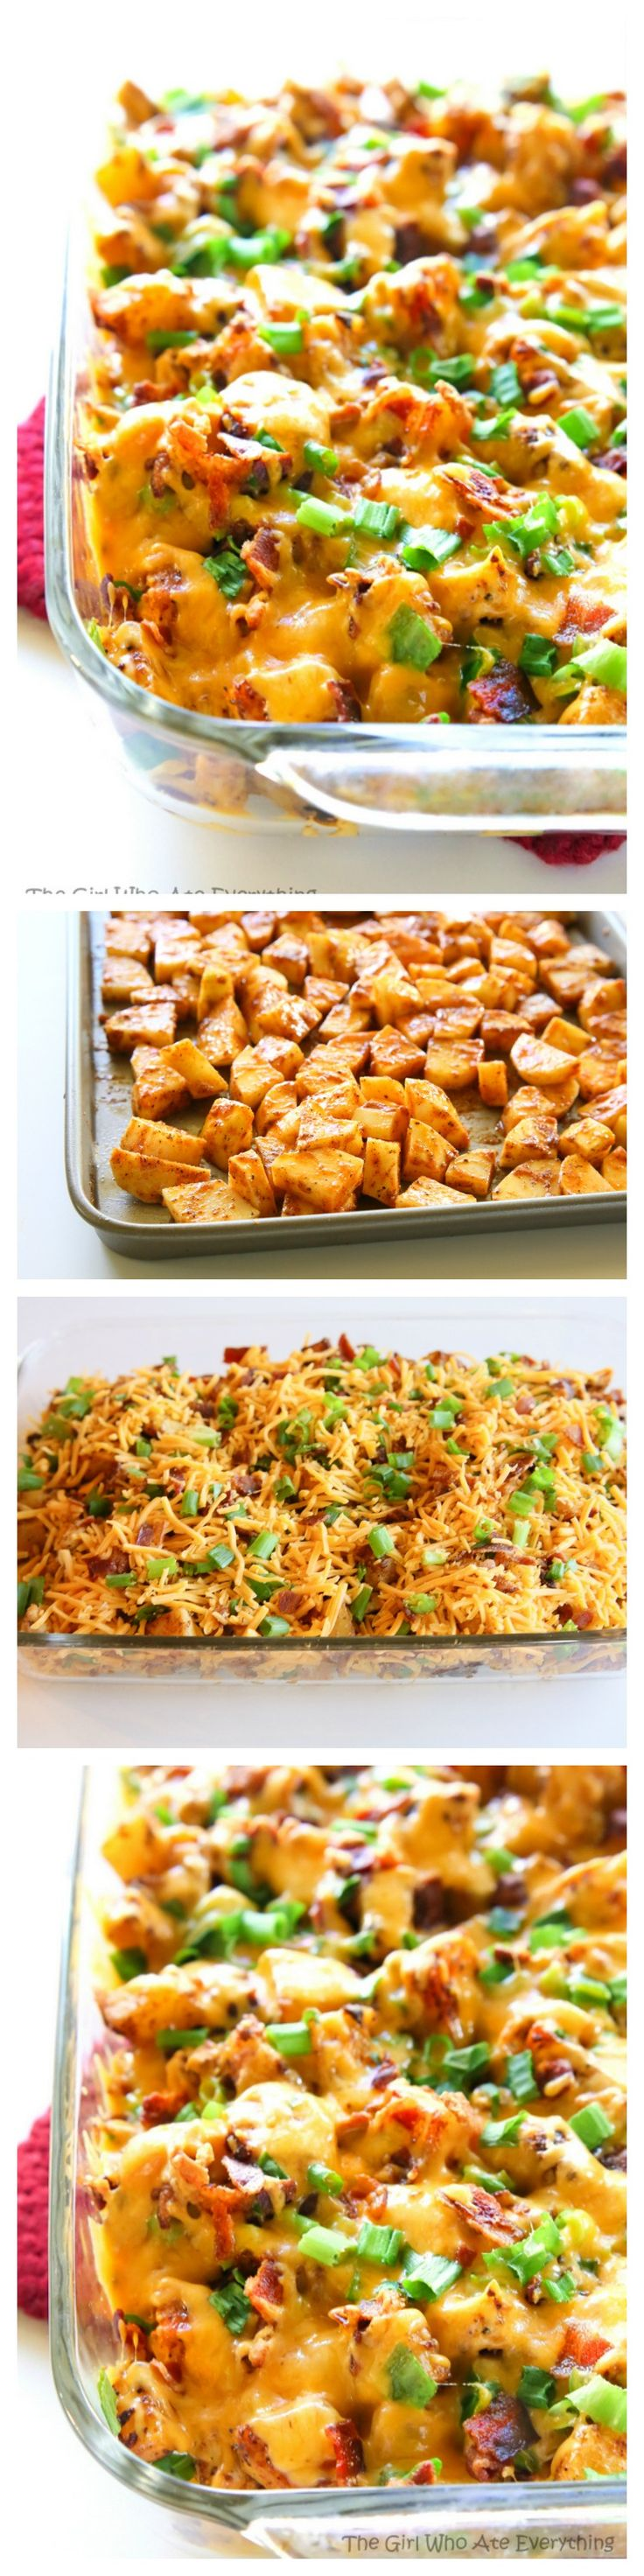 Buffalo Chicken and Potato Casserole Recipe